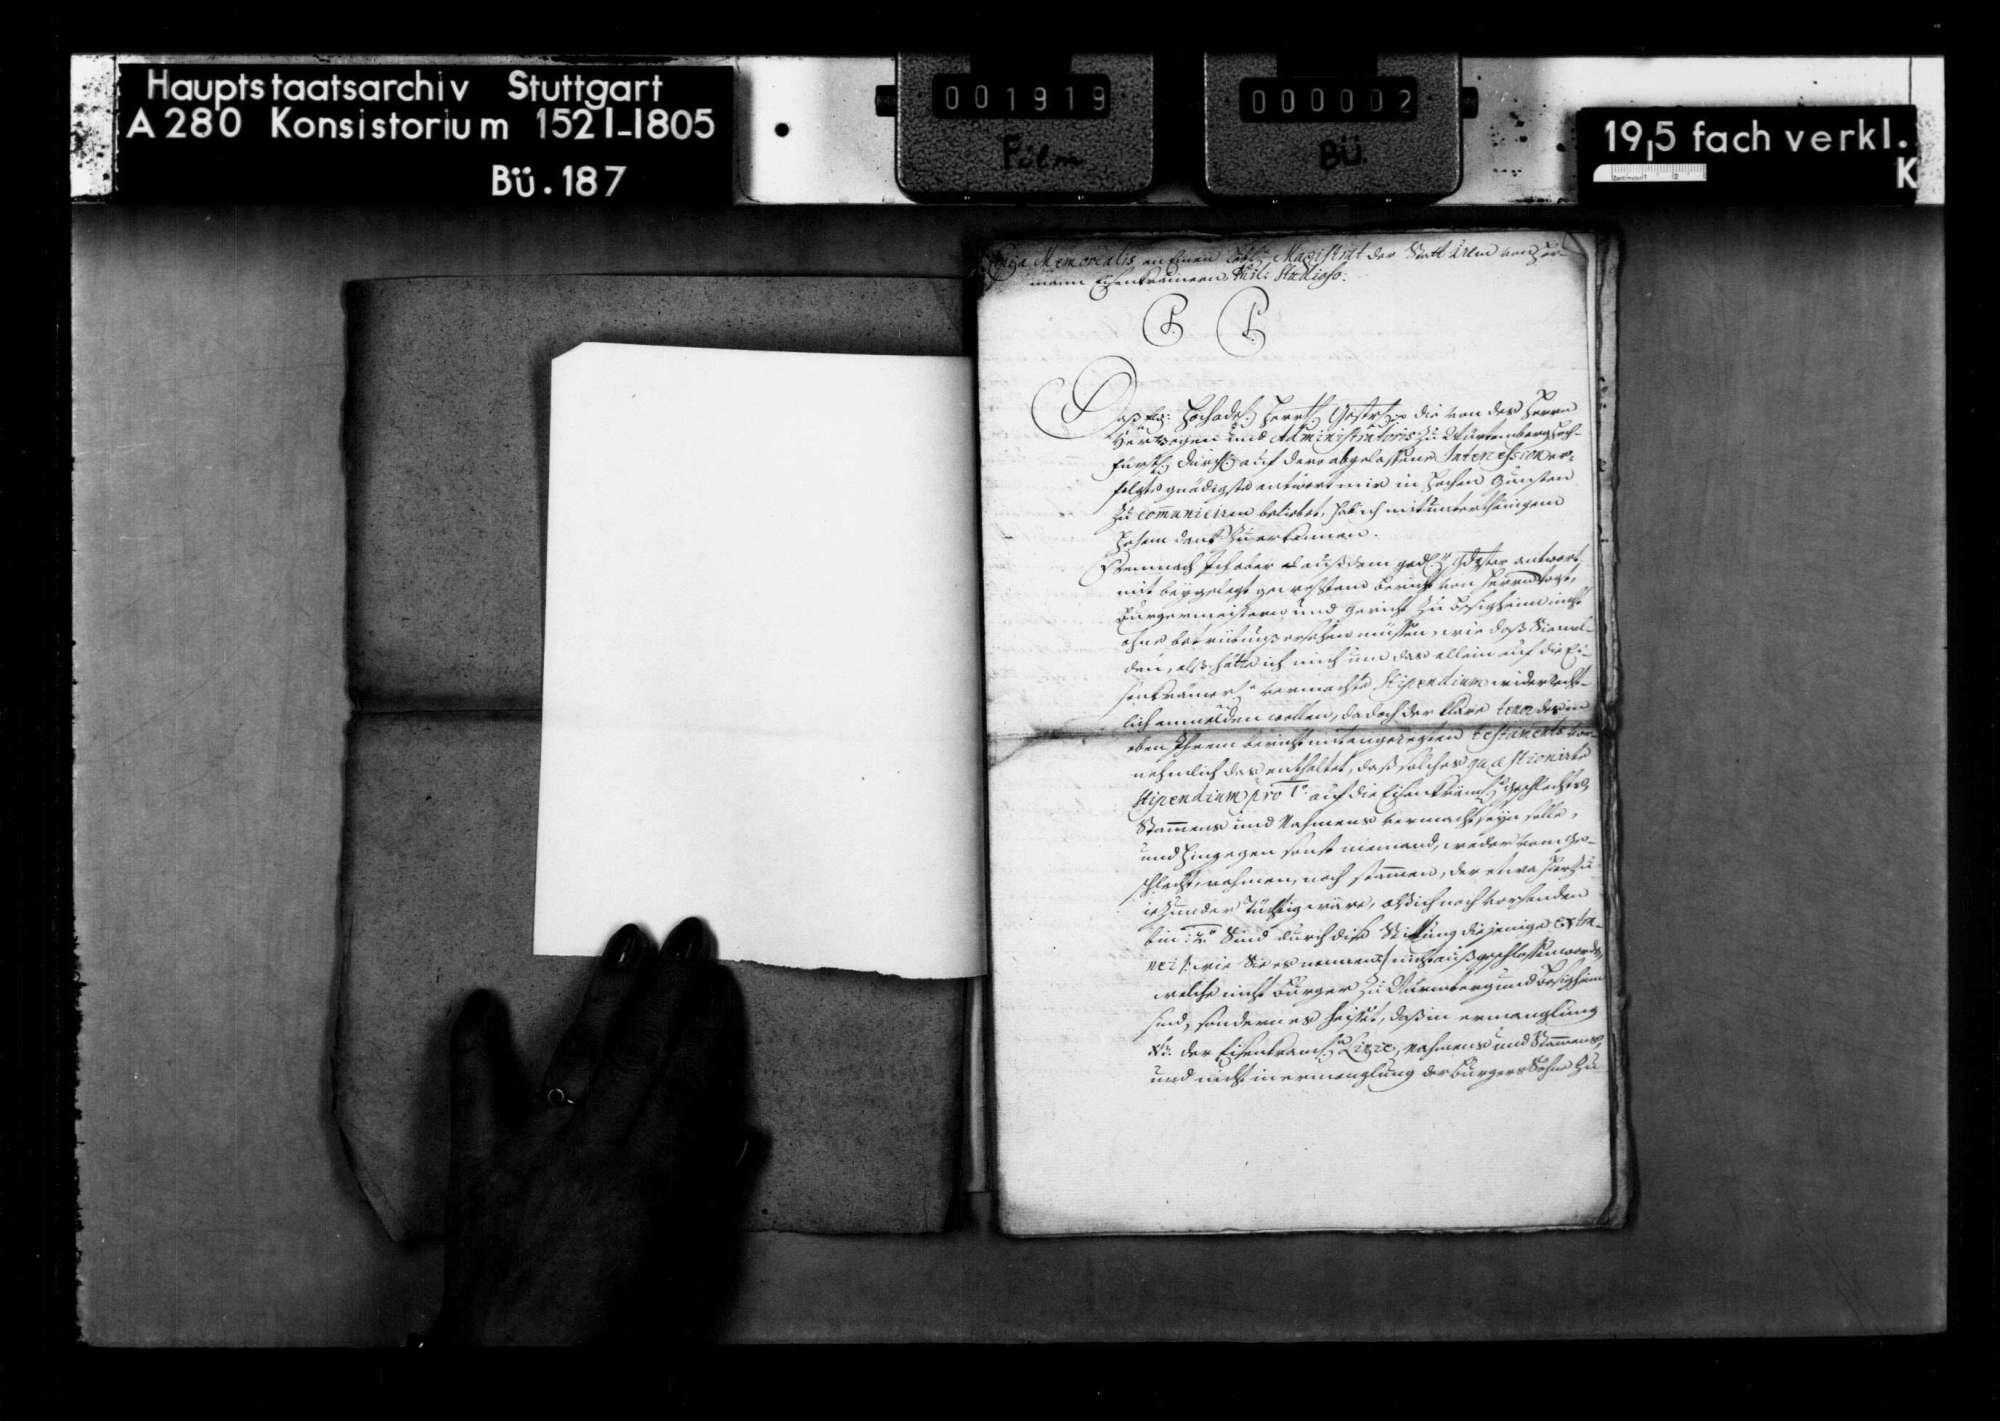 Anträge auf das Legat des Lukas Eisenkrämer, Bürgers und Ratsverwandten zu Nürnberg, für studierende Bürgersöhne von Nürnberg und Besigheim aus seinem Geschlecht oder seiner Verwandtschaft, Bild 3